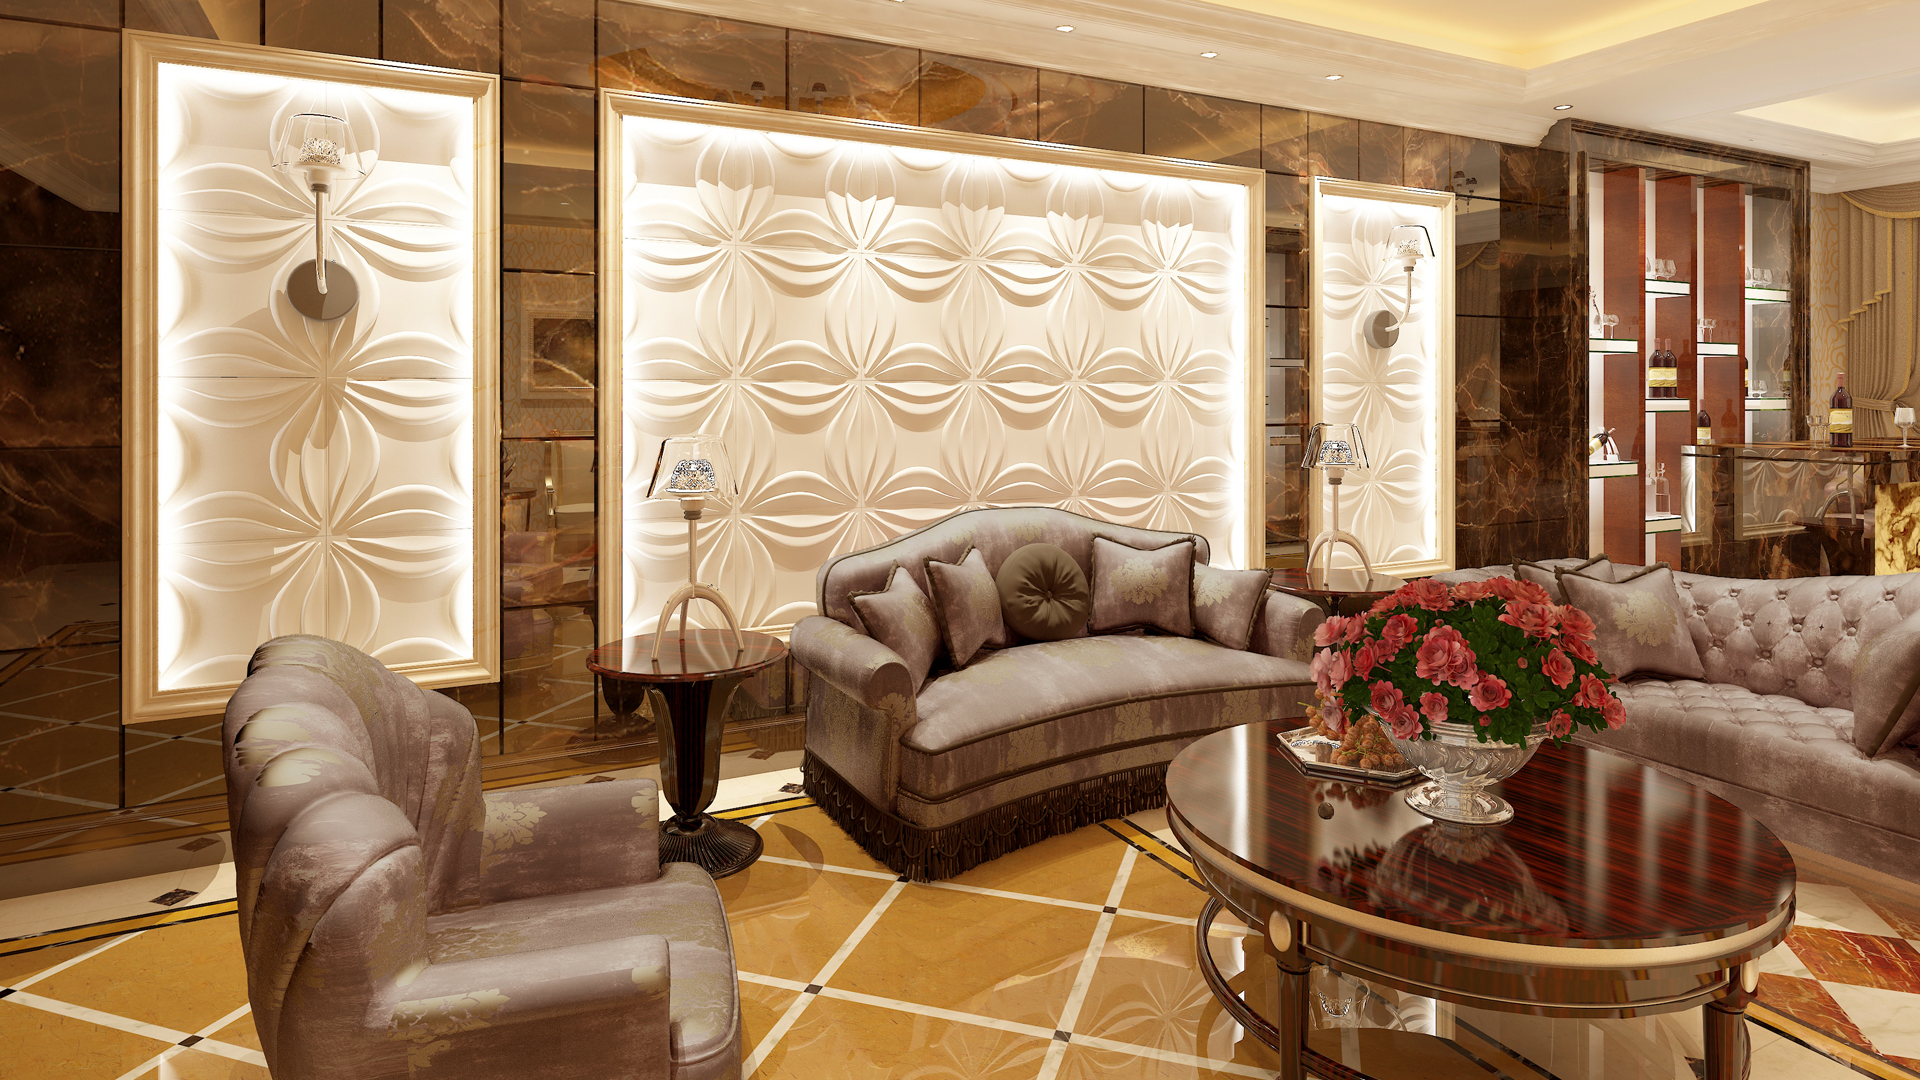 Wohnzimmer Paneele, wohnzimmer • 3d wandpaneele | deckenpaneele | wandverkleidung aus bambus, Design ideen